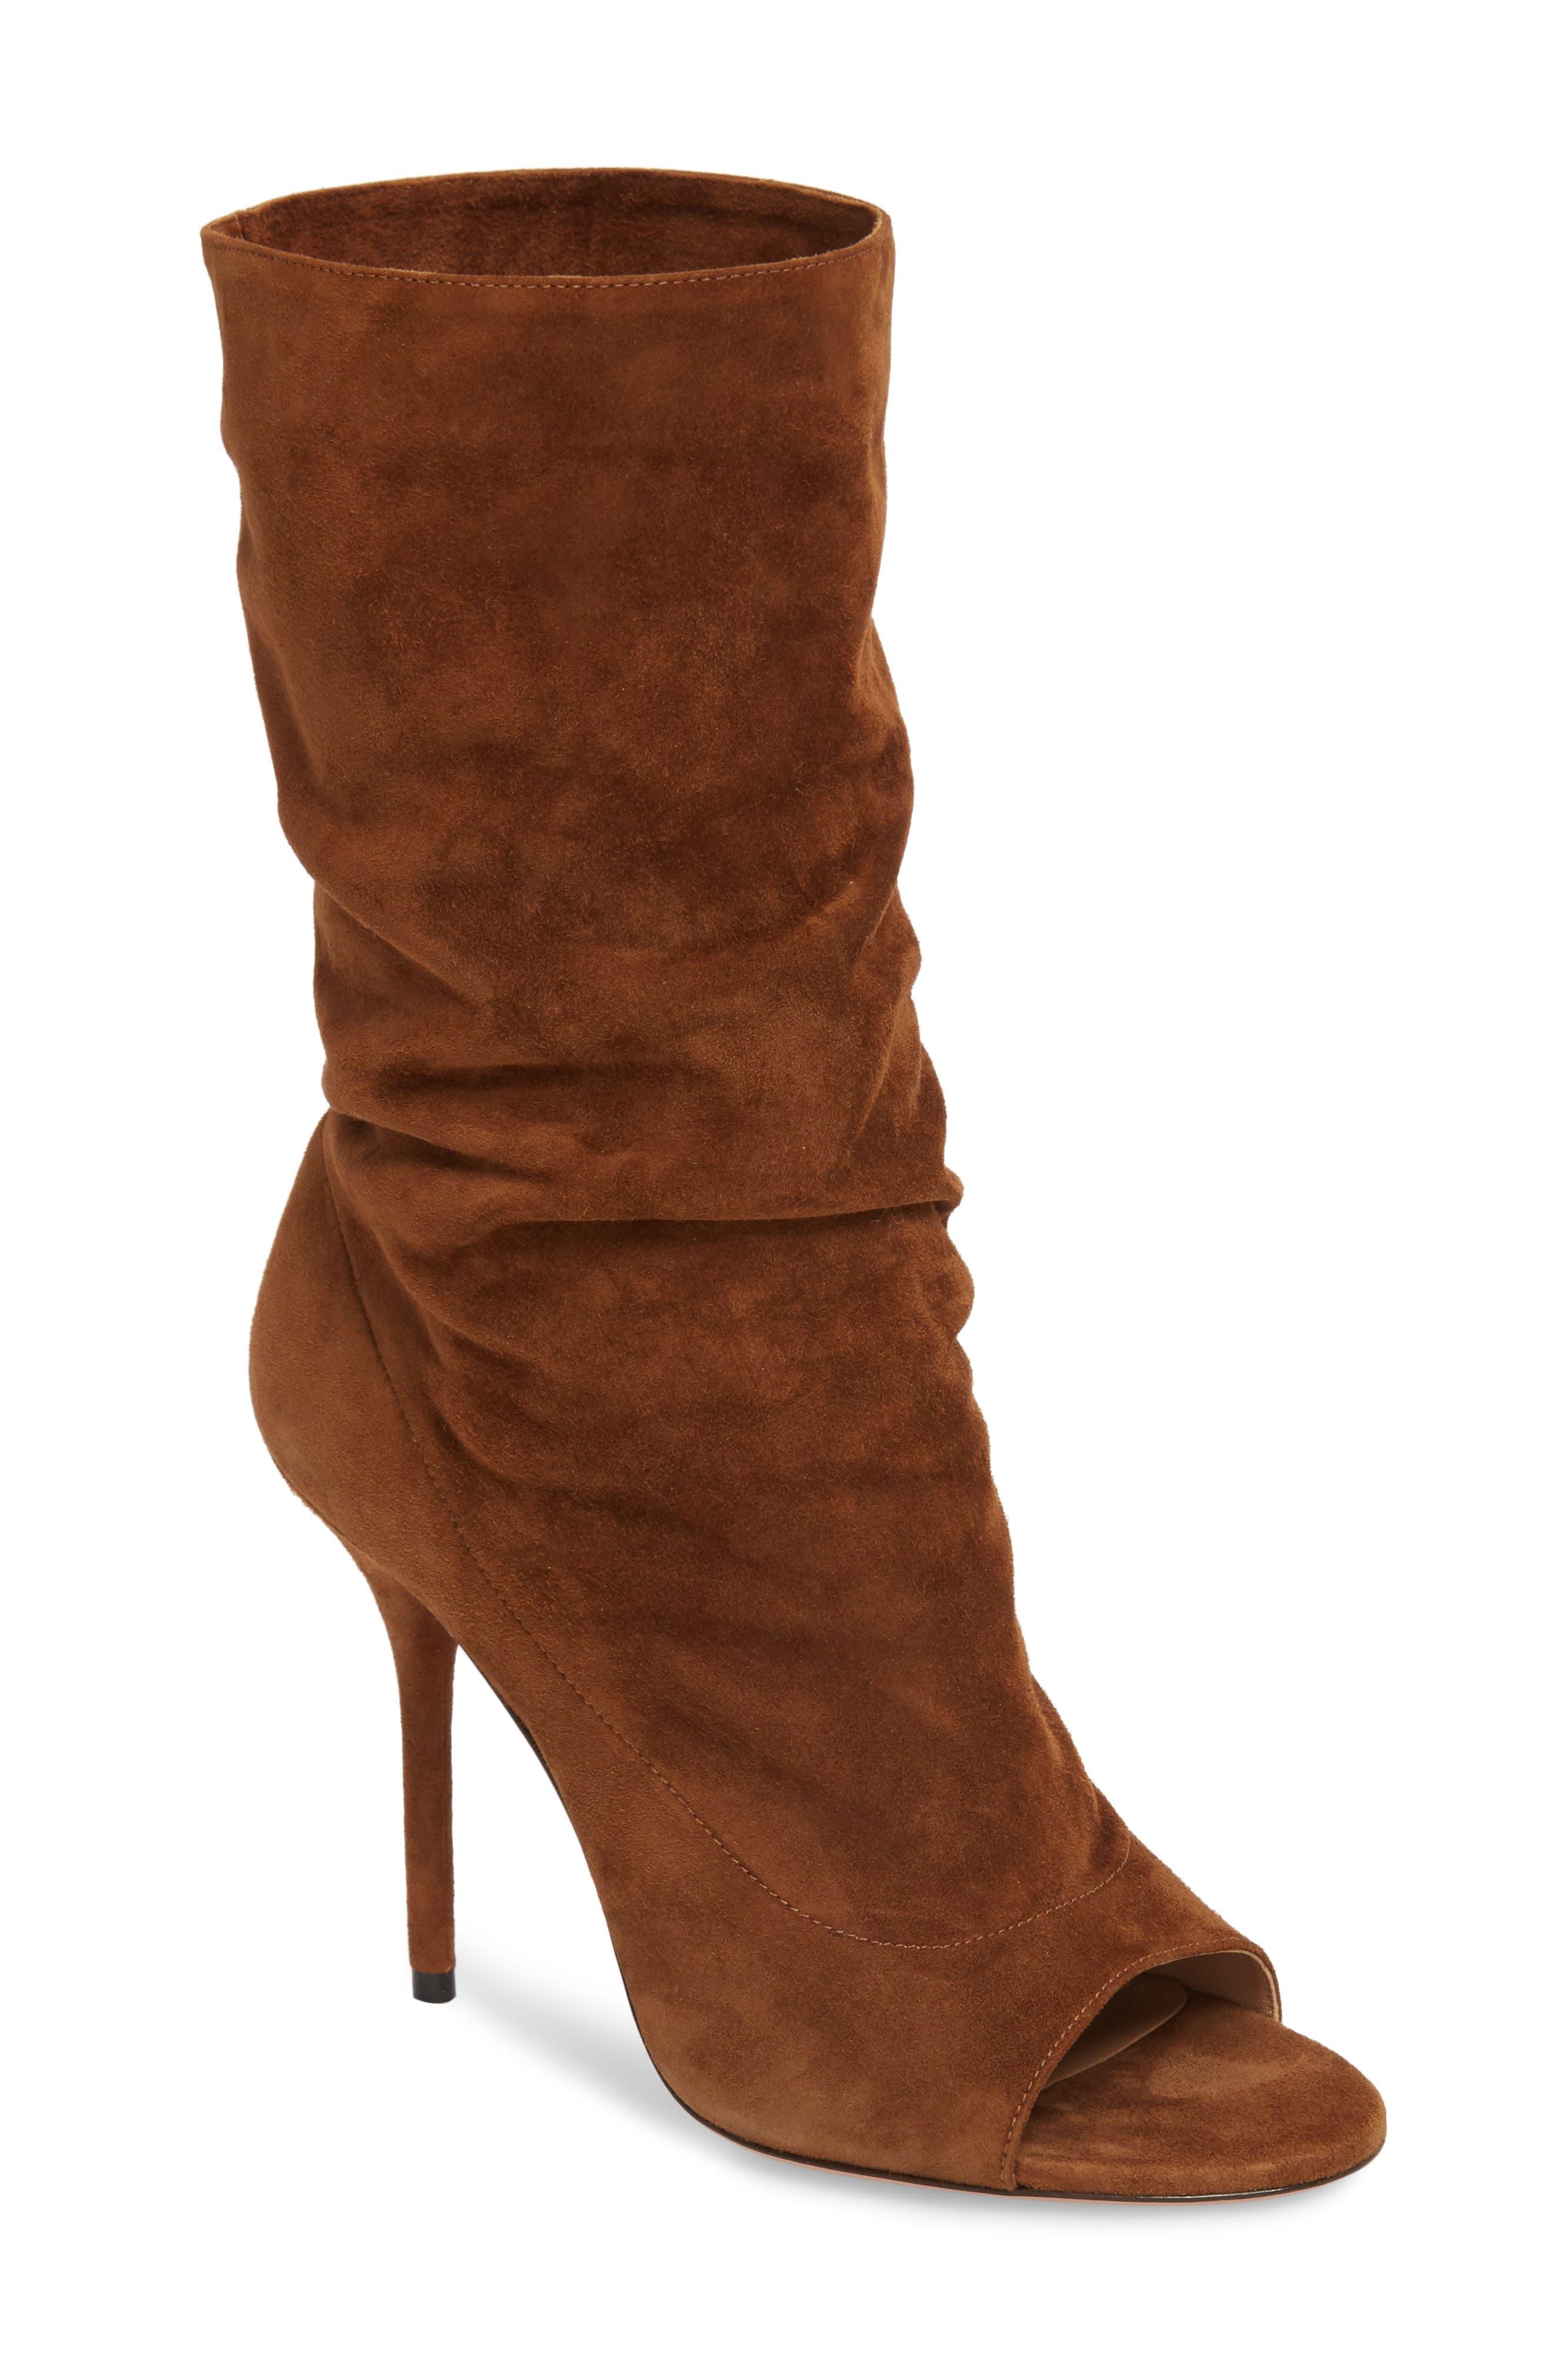 Main Image - Aquazzura Touché Open Toe Boot (Women)